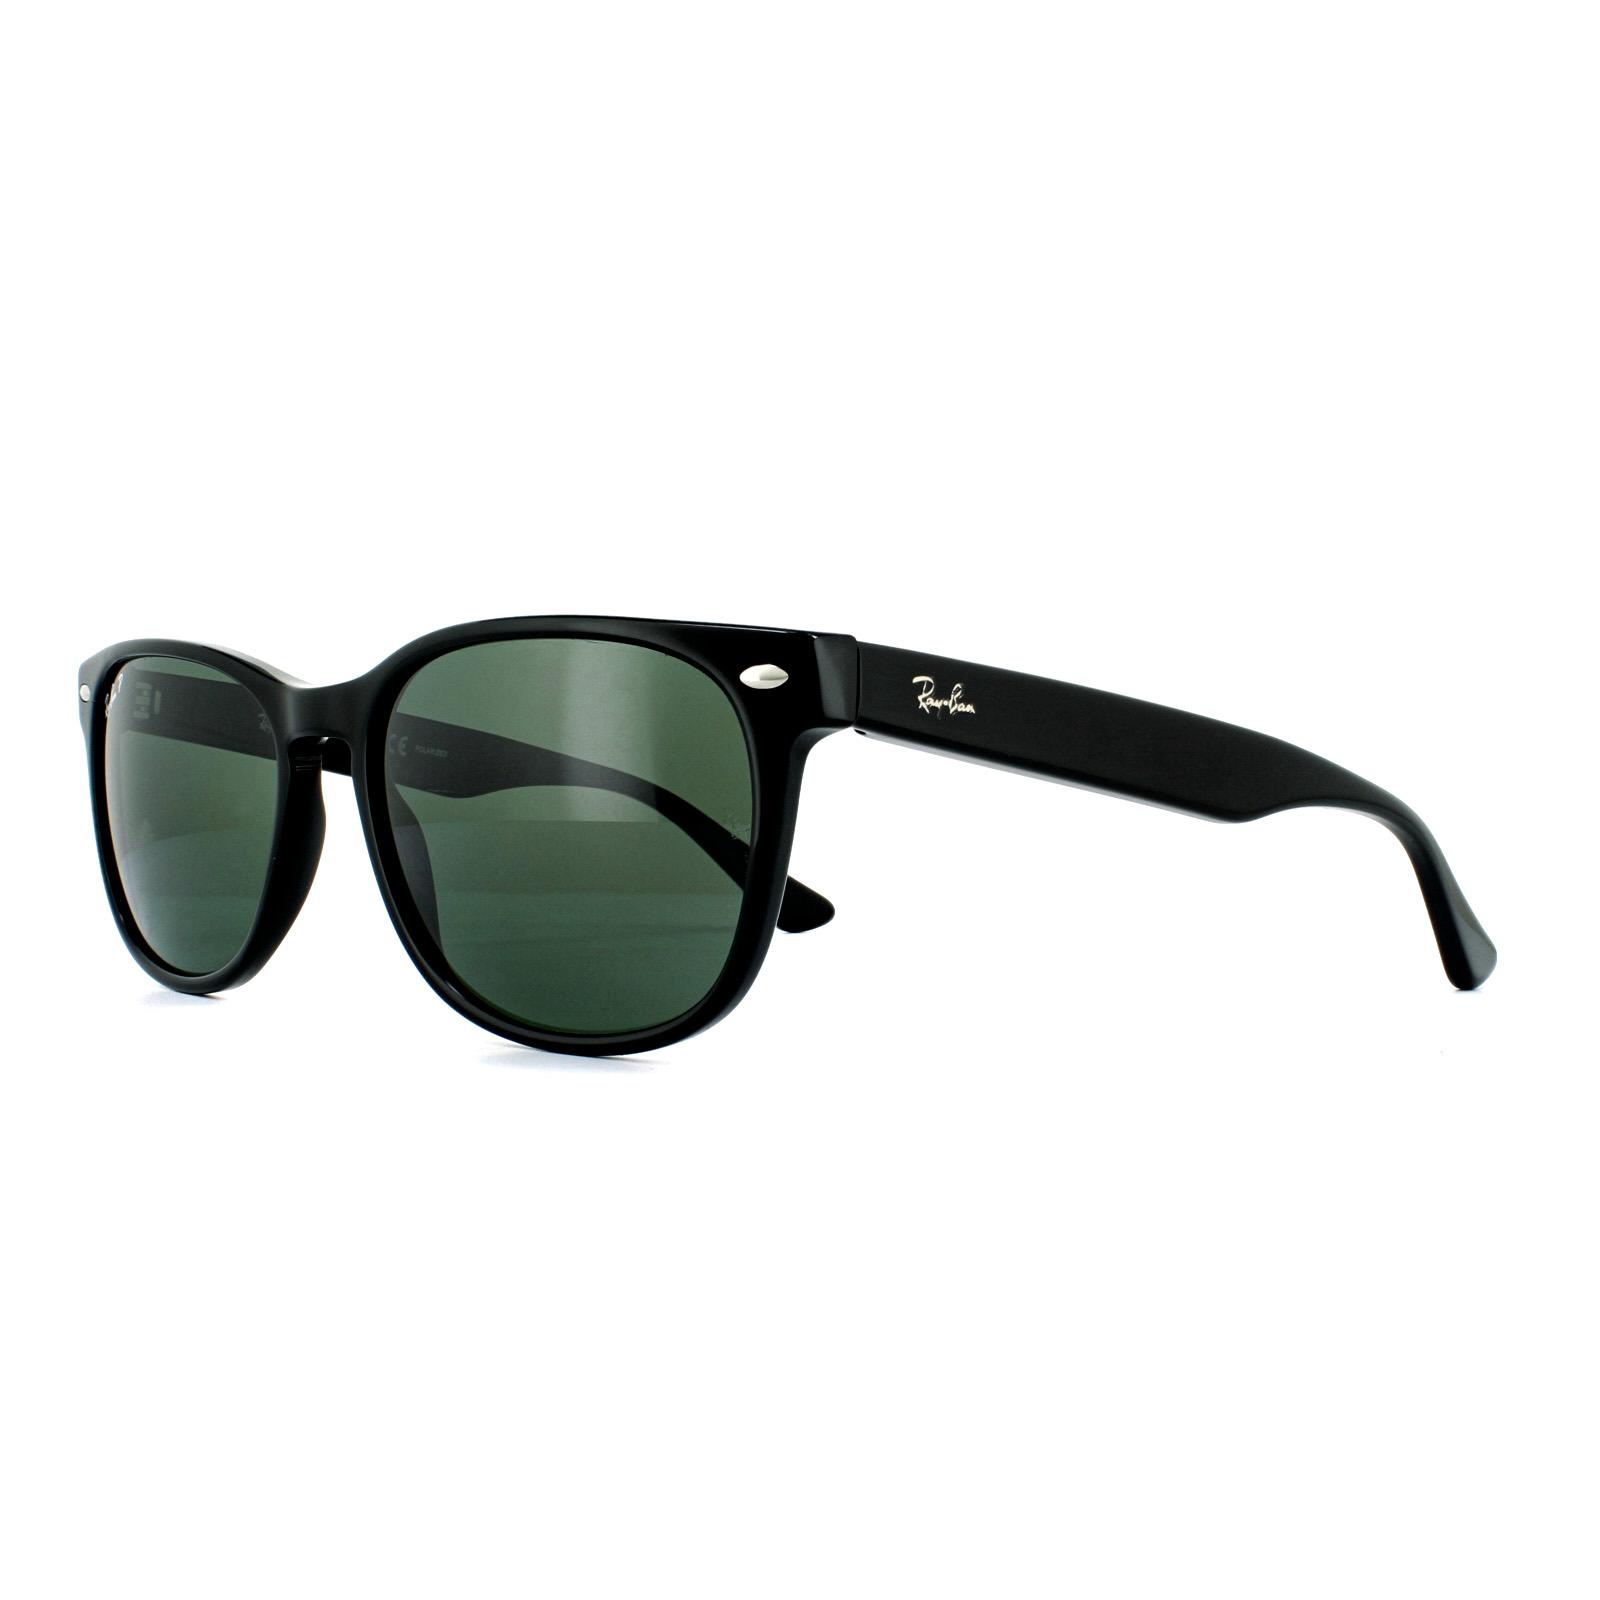 Ray-Ban Gafas de Sol RB2184 901 58 Negro Verde   eBay bd0b9361e0